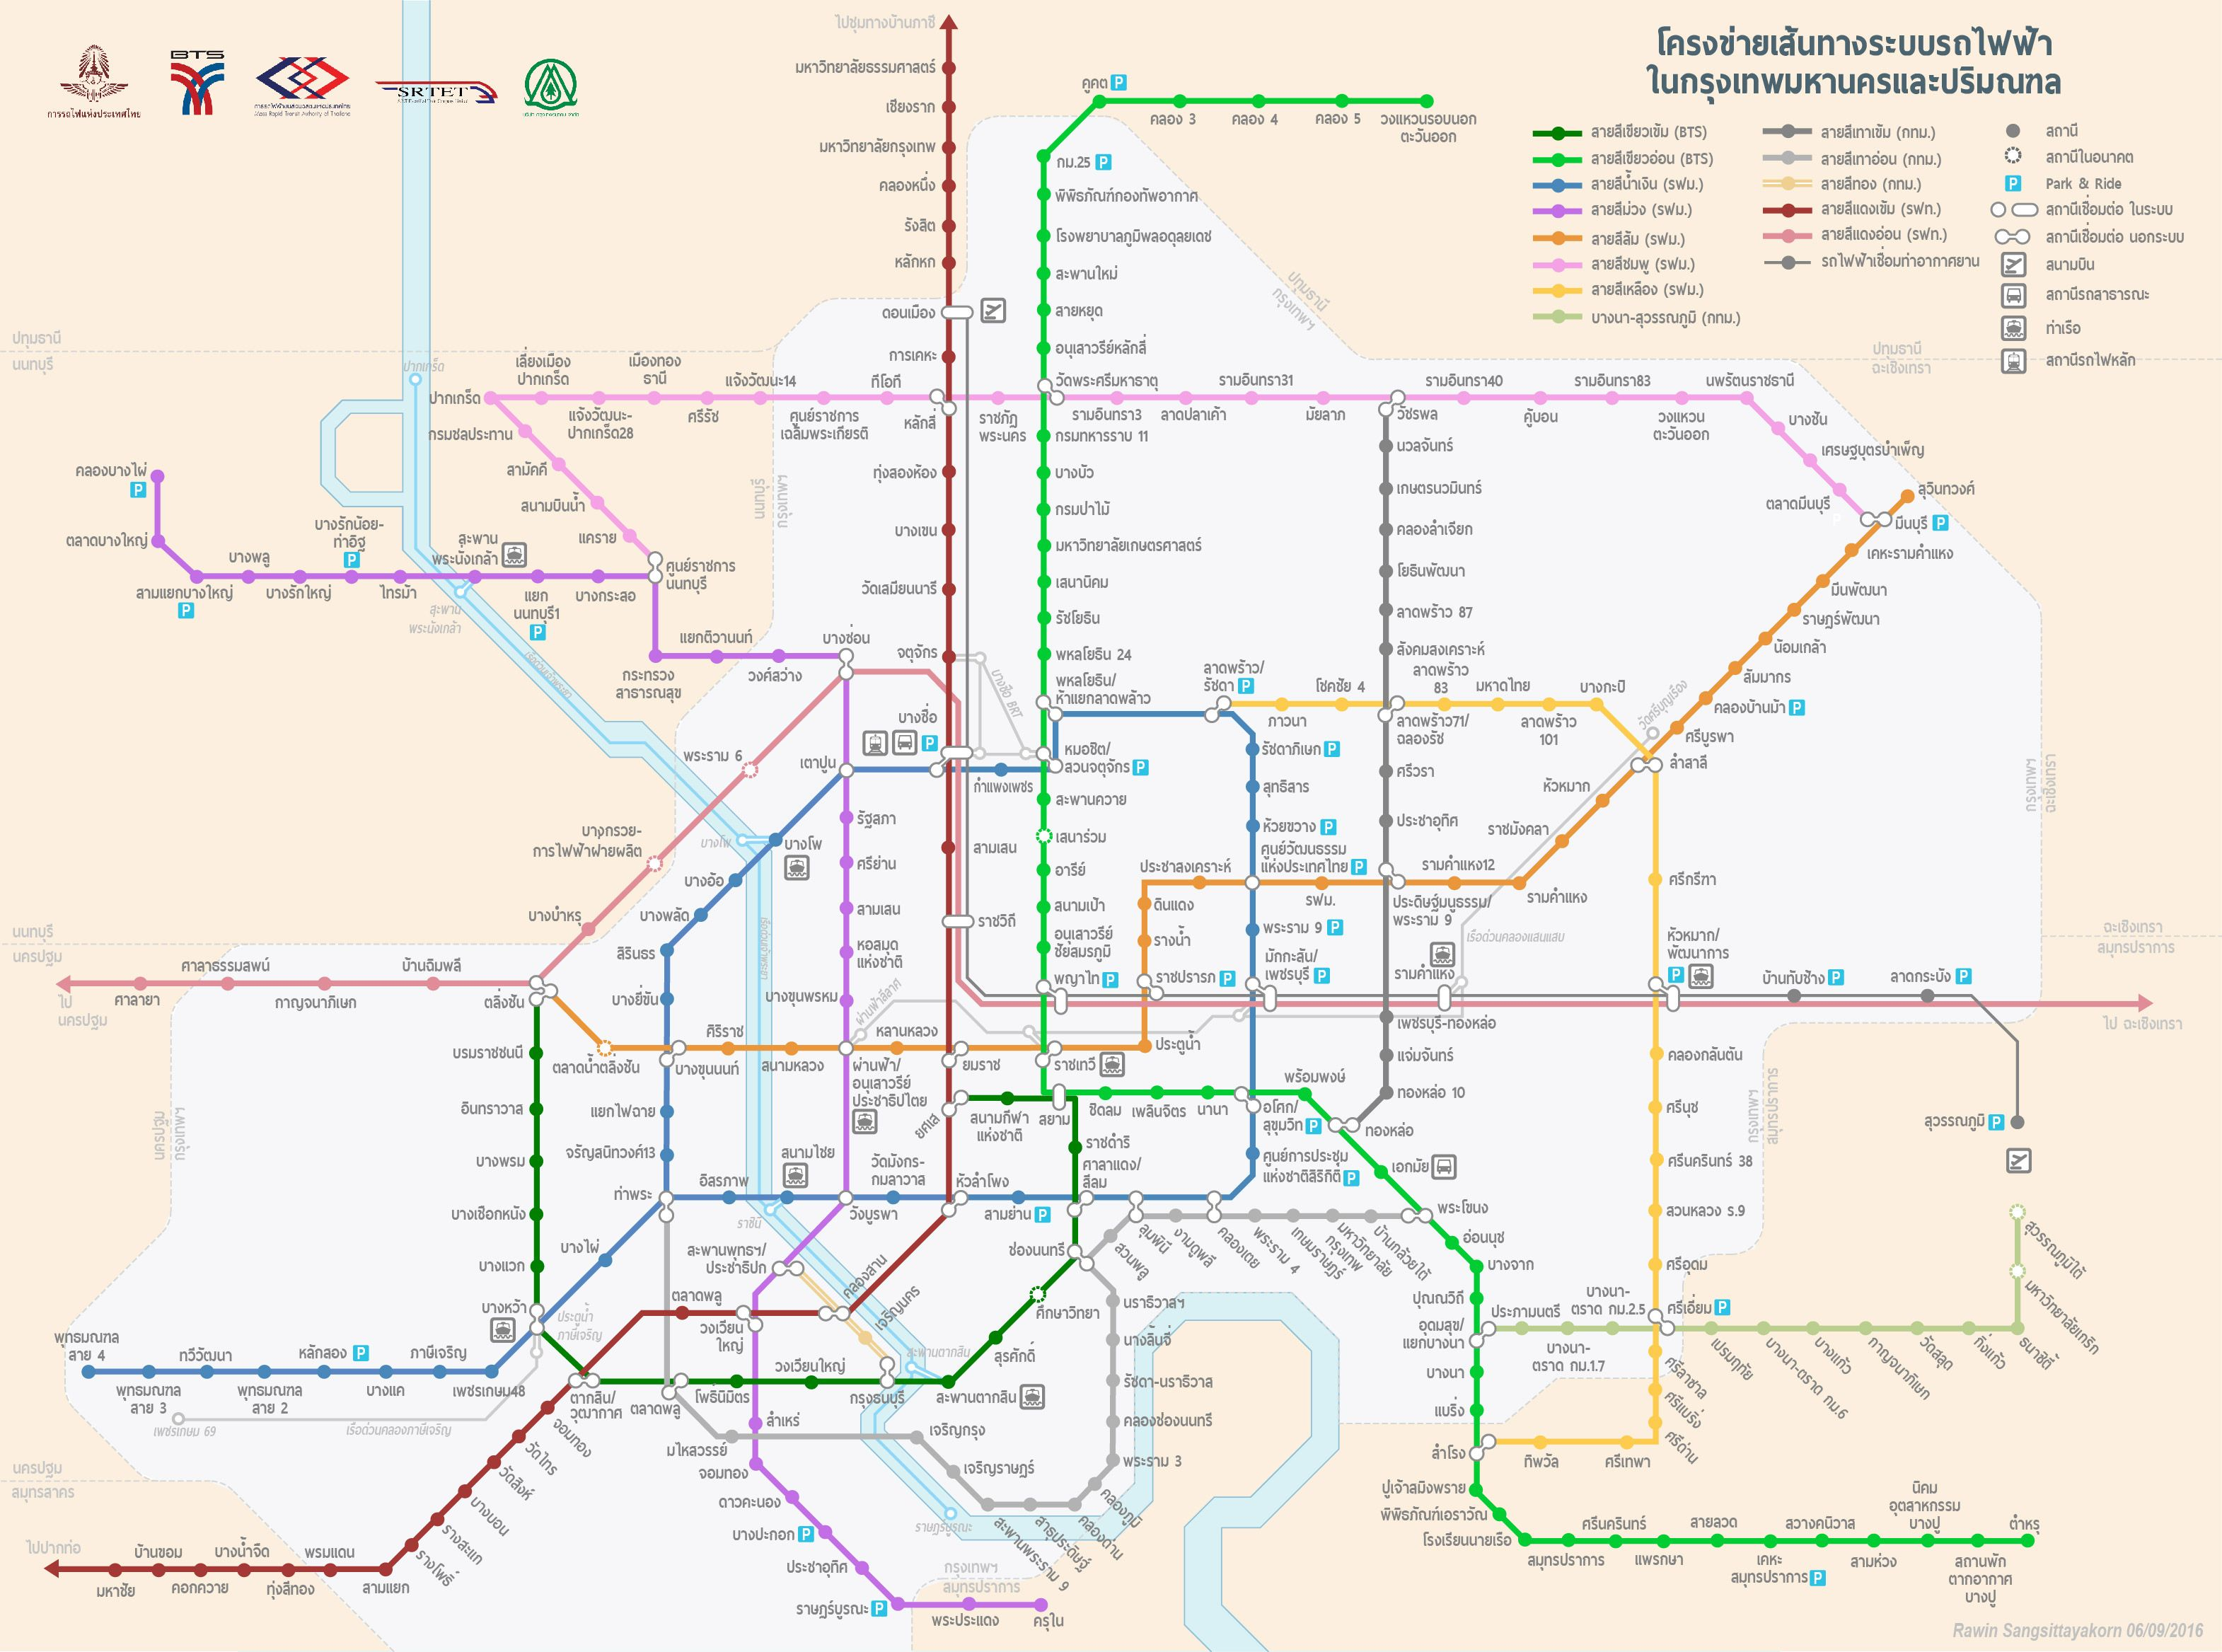 Bangkok Metro Map Update  Infographic Pinterest Bangkok - Los angeles metro map 2016